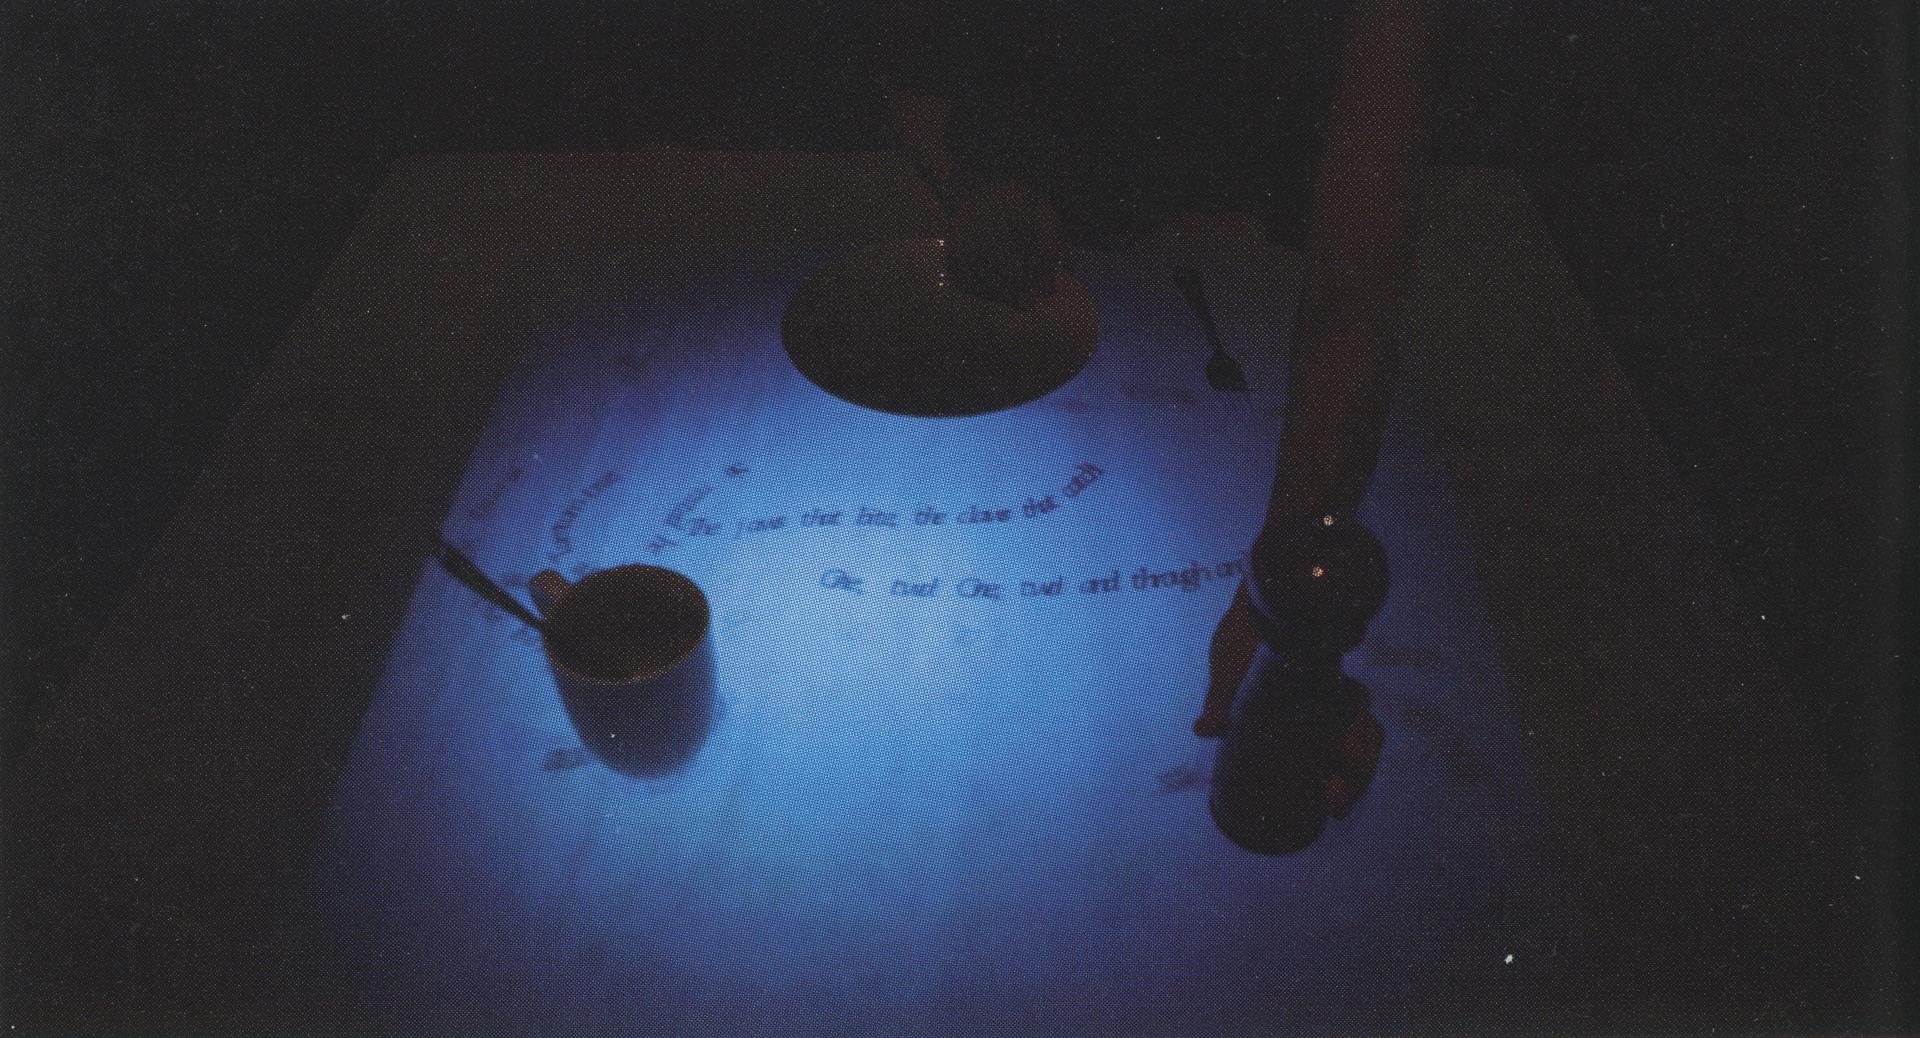 ©2008, Hye Yeon Nam